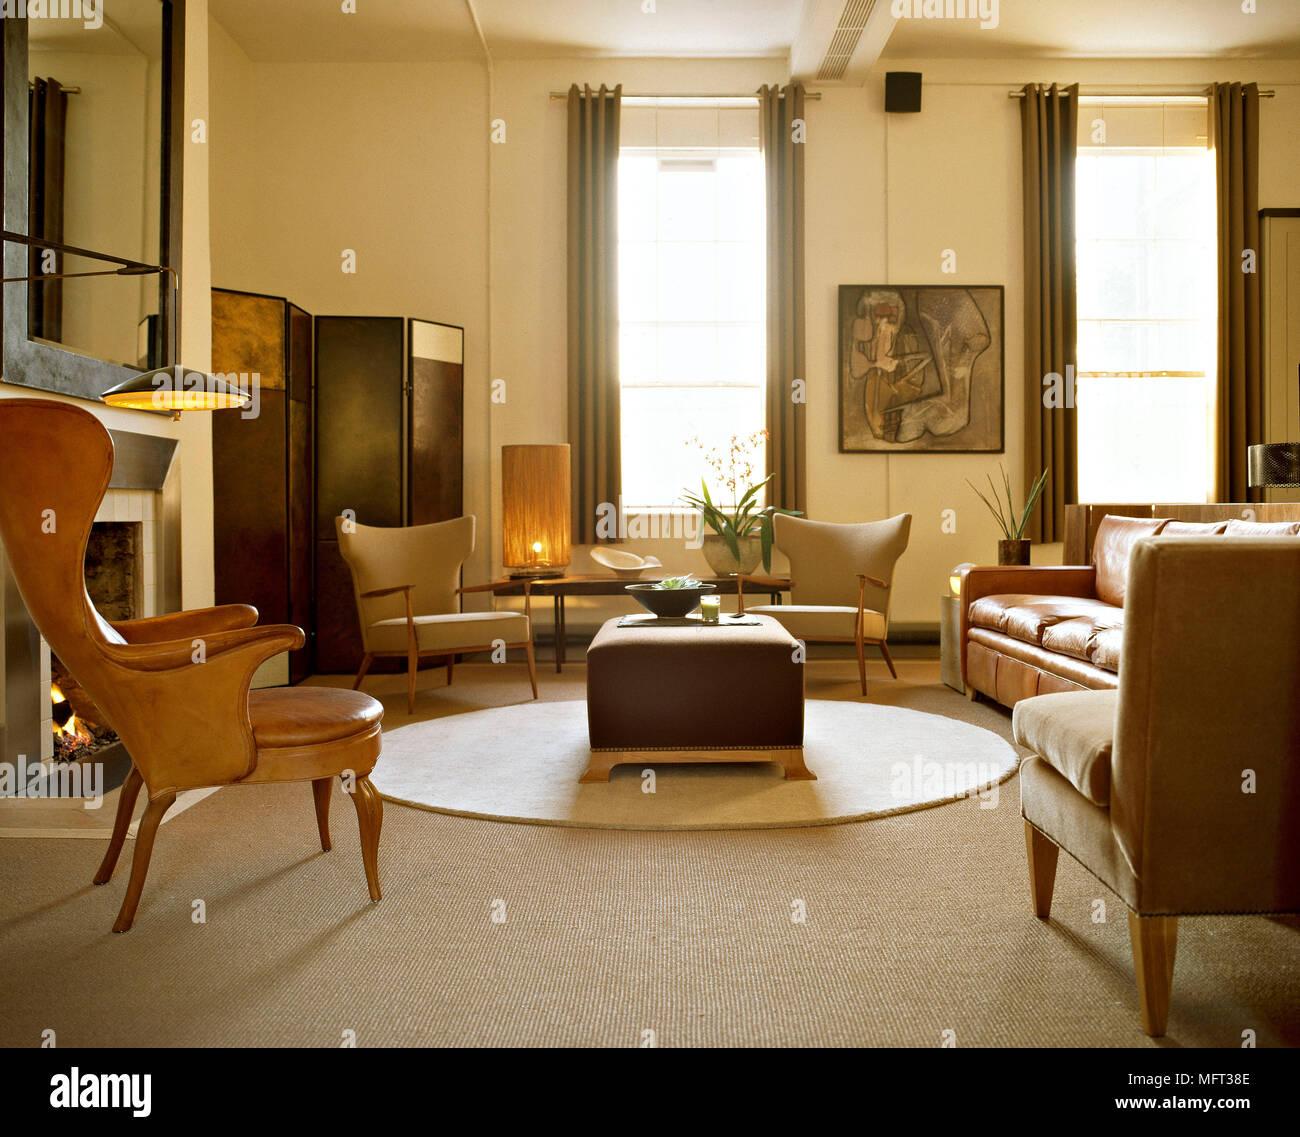 Salon moderne en cuir marron fauteuils et canapé tapis circulaire ...